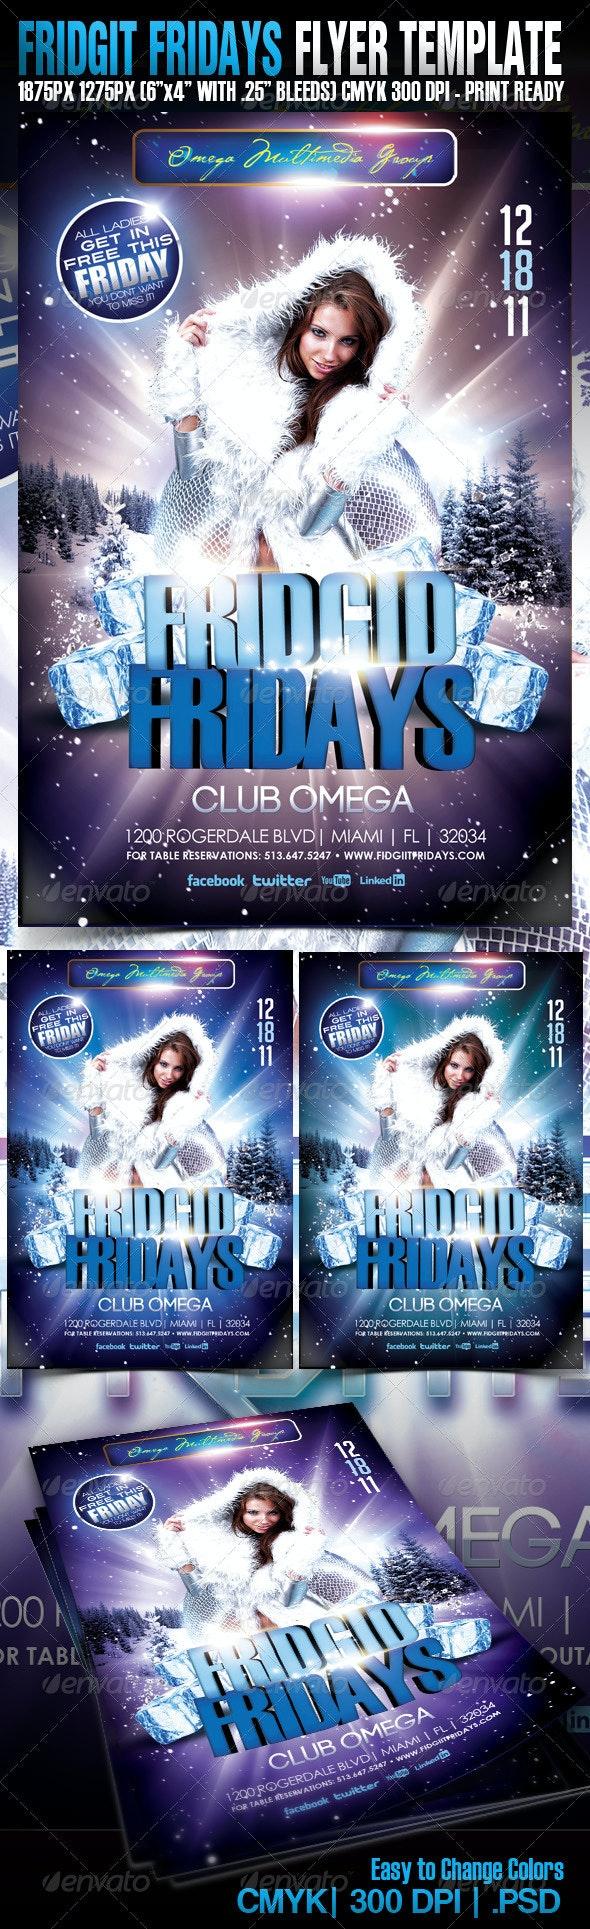 Fridget Fridays - Events Flyers